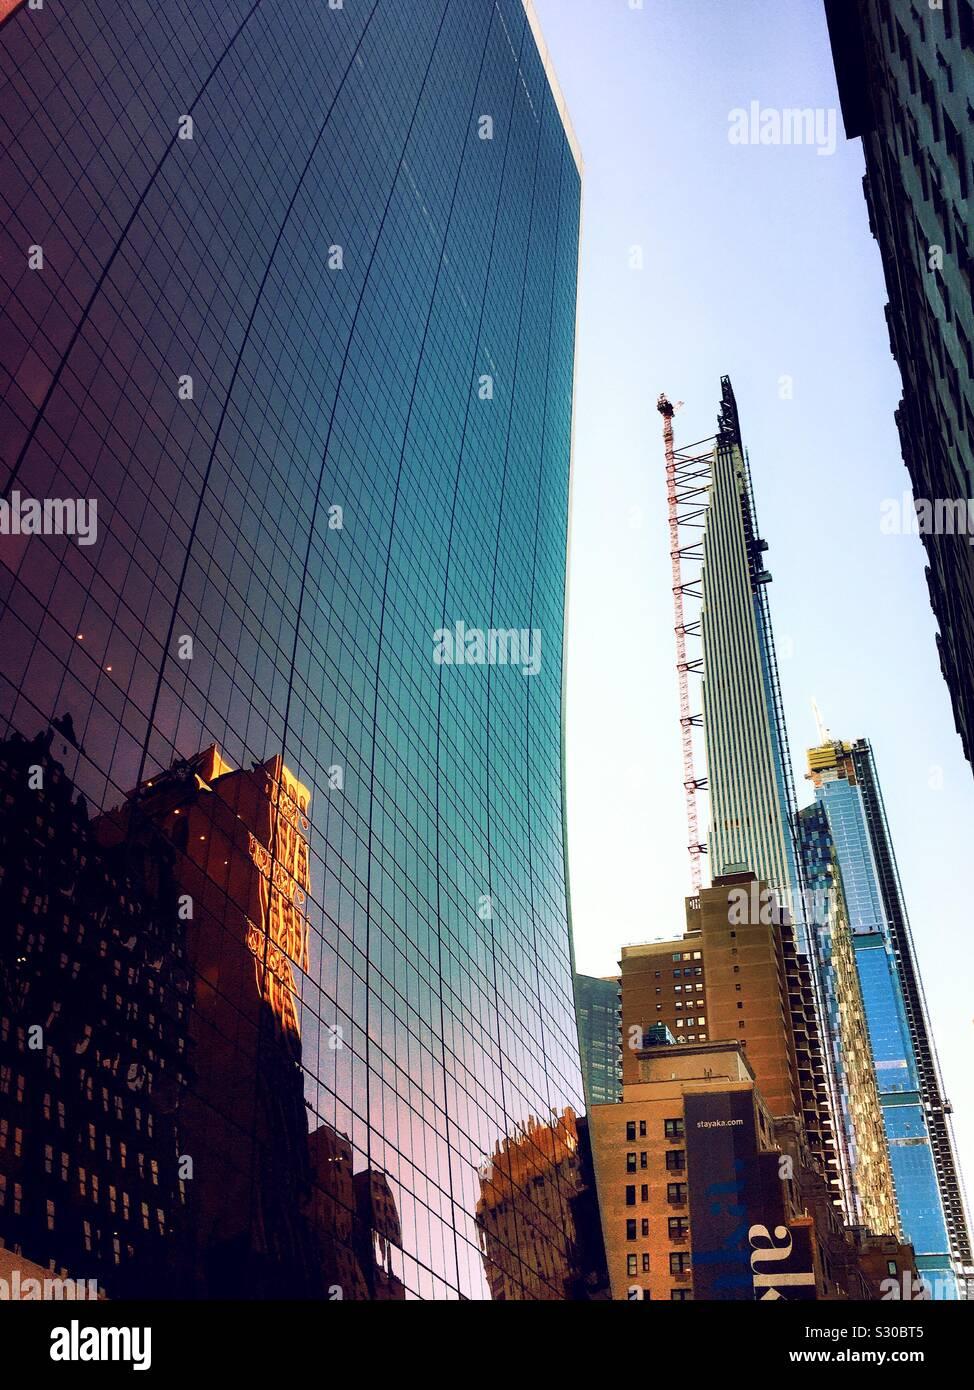 Il super grattacielo alto sulla 57th St., Steinway Tower è in costruzione appena a sud di Central Park a New York City, Stati Uniti d'America Foto Stock